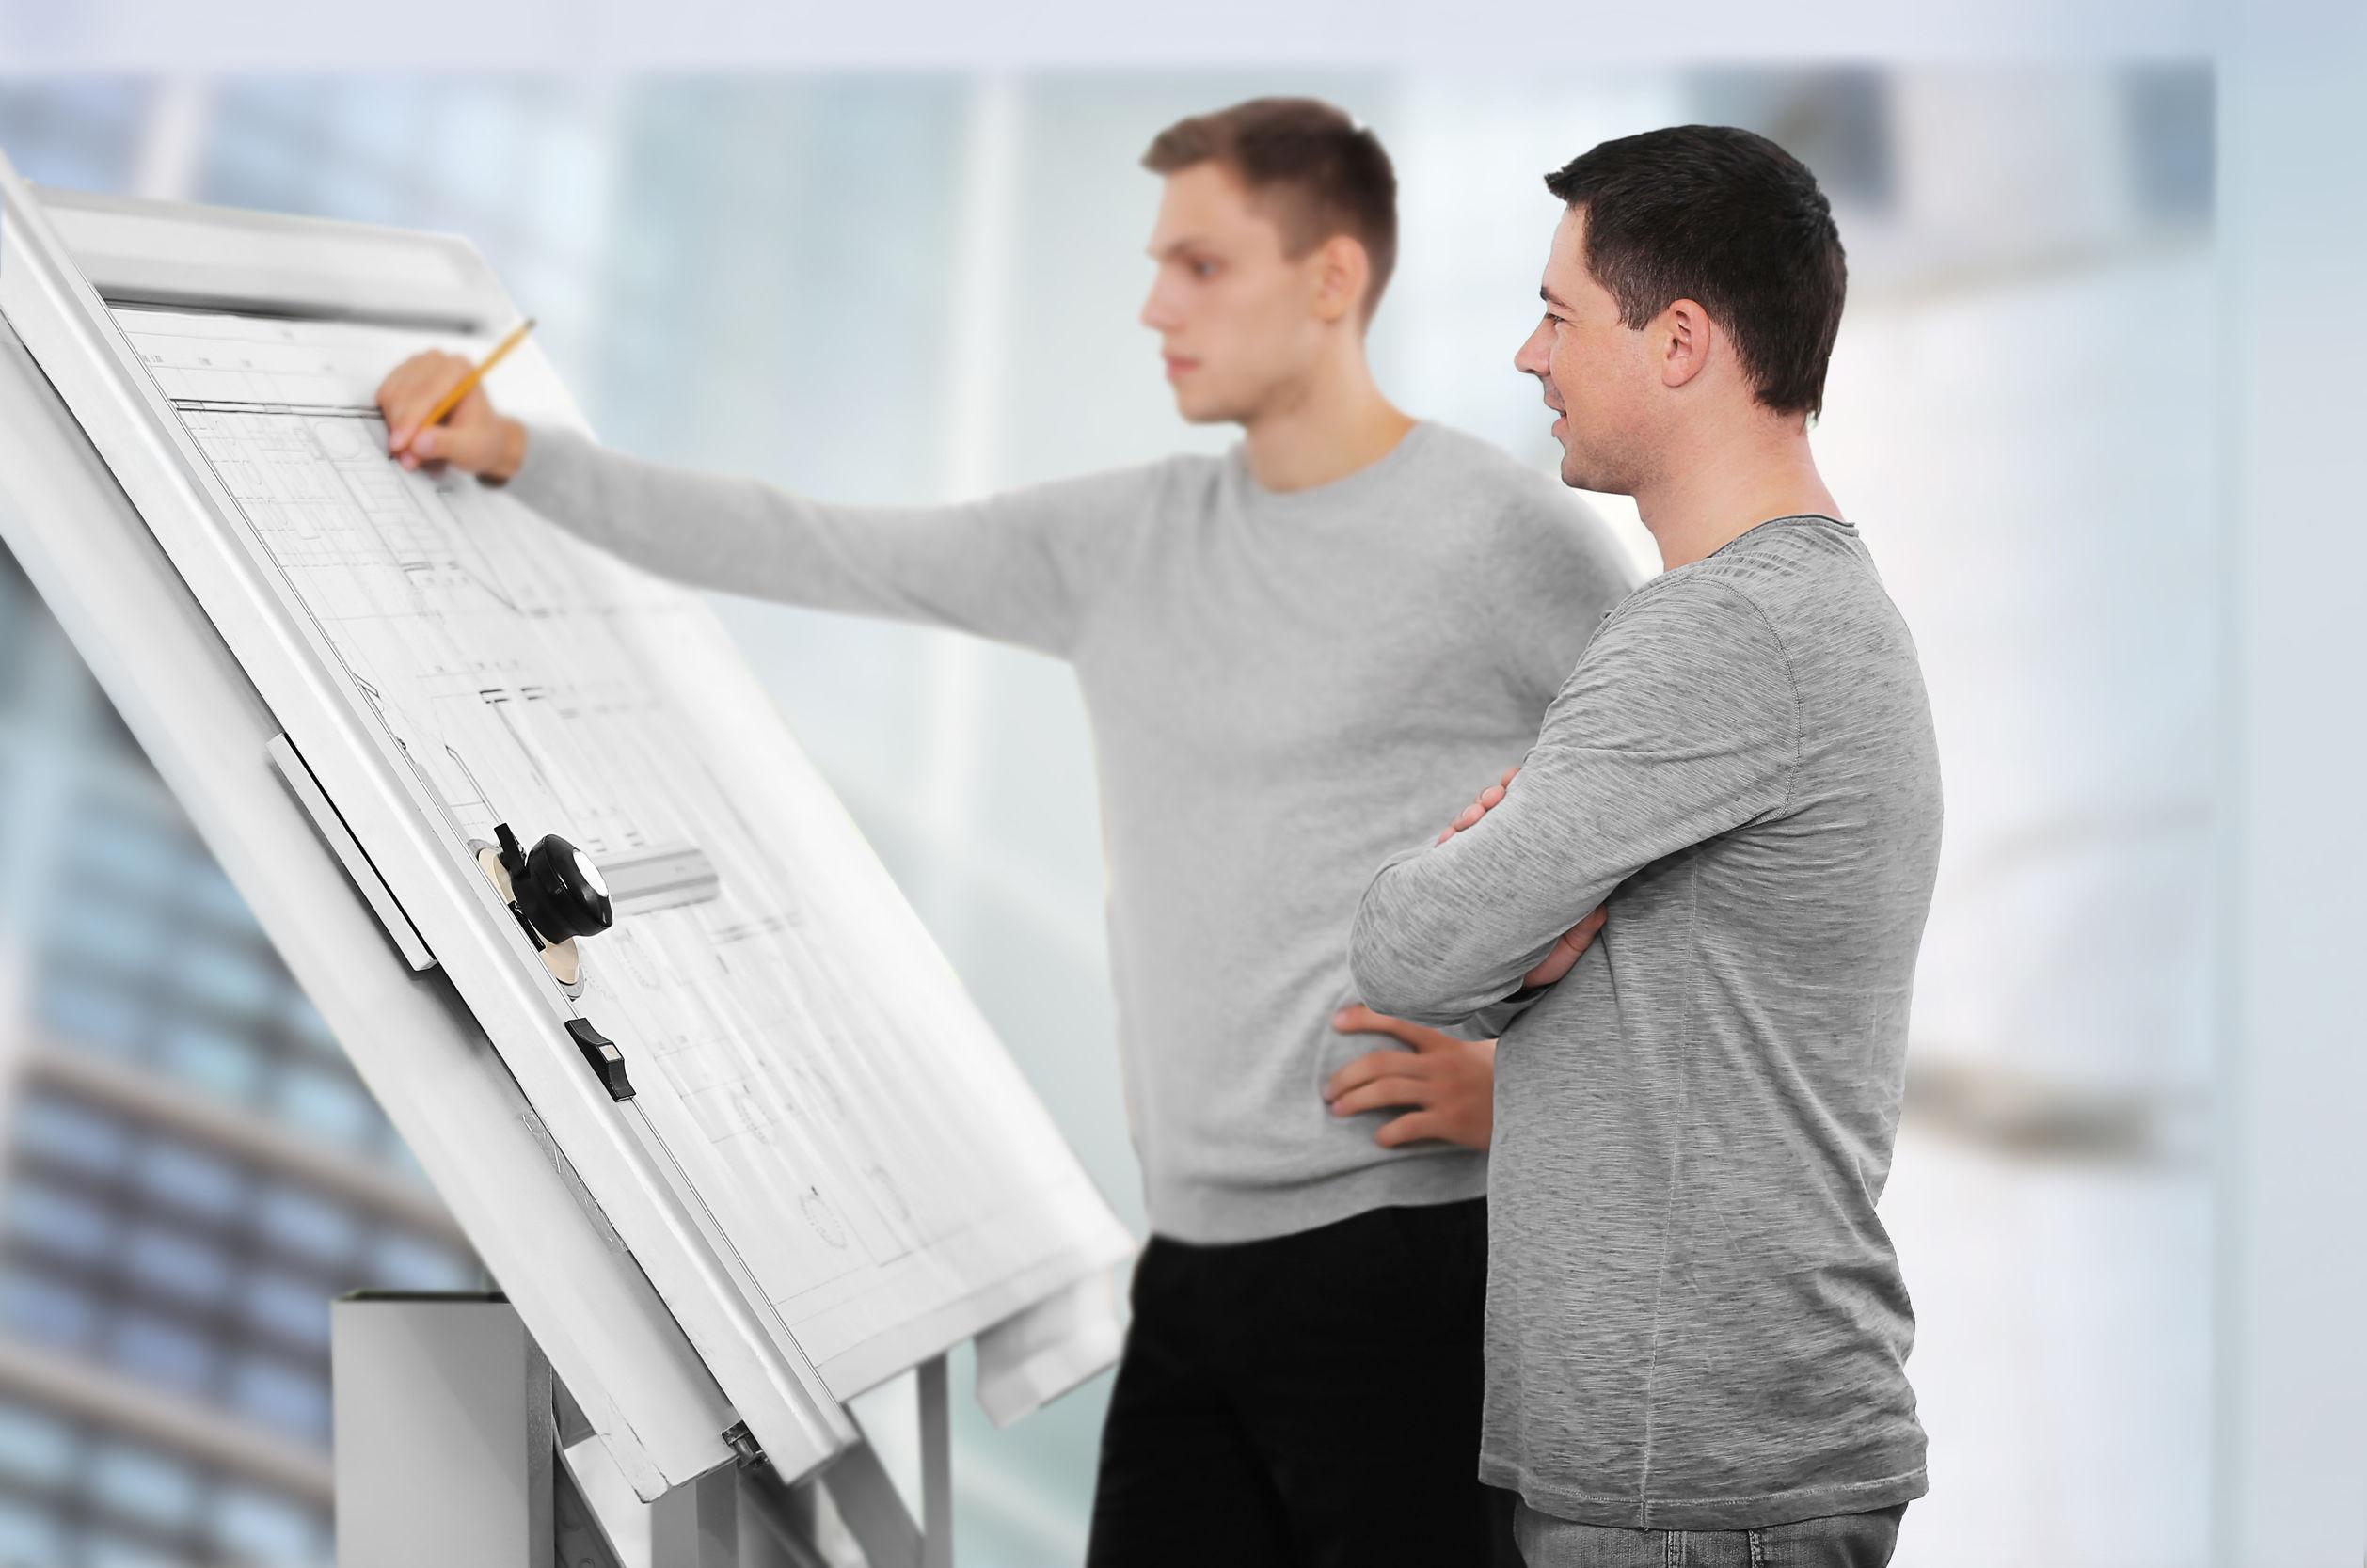 Imagen de dos personas revisando planos en mesa de dibujo